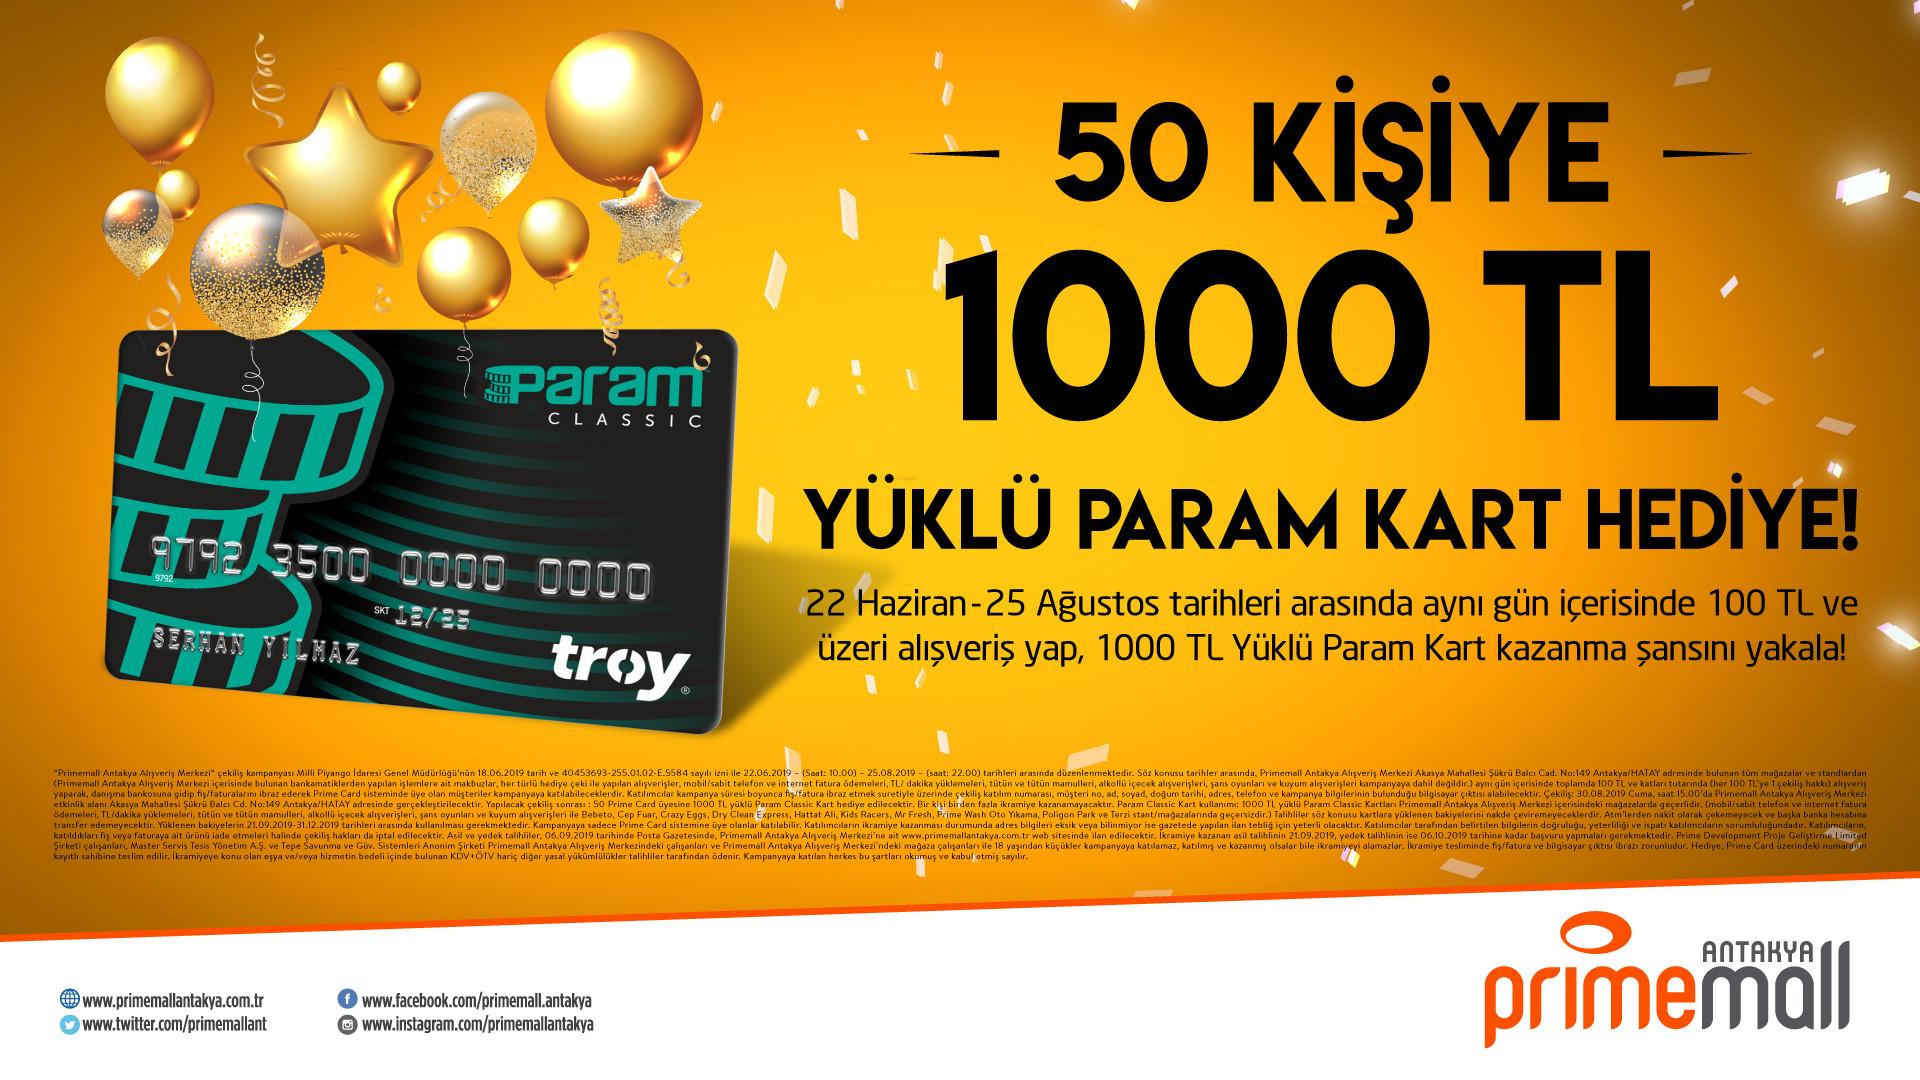 50 Kişiye 1000 TL Yüklü Param Kart Hediye!